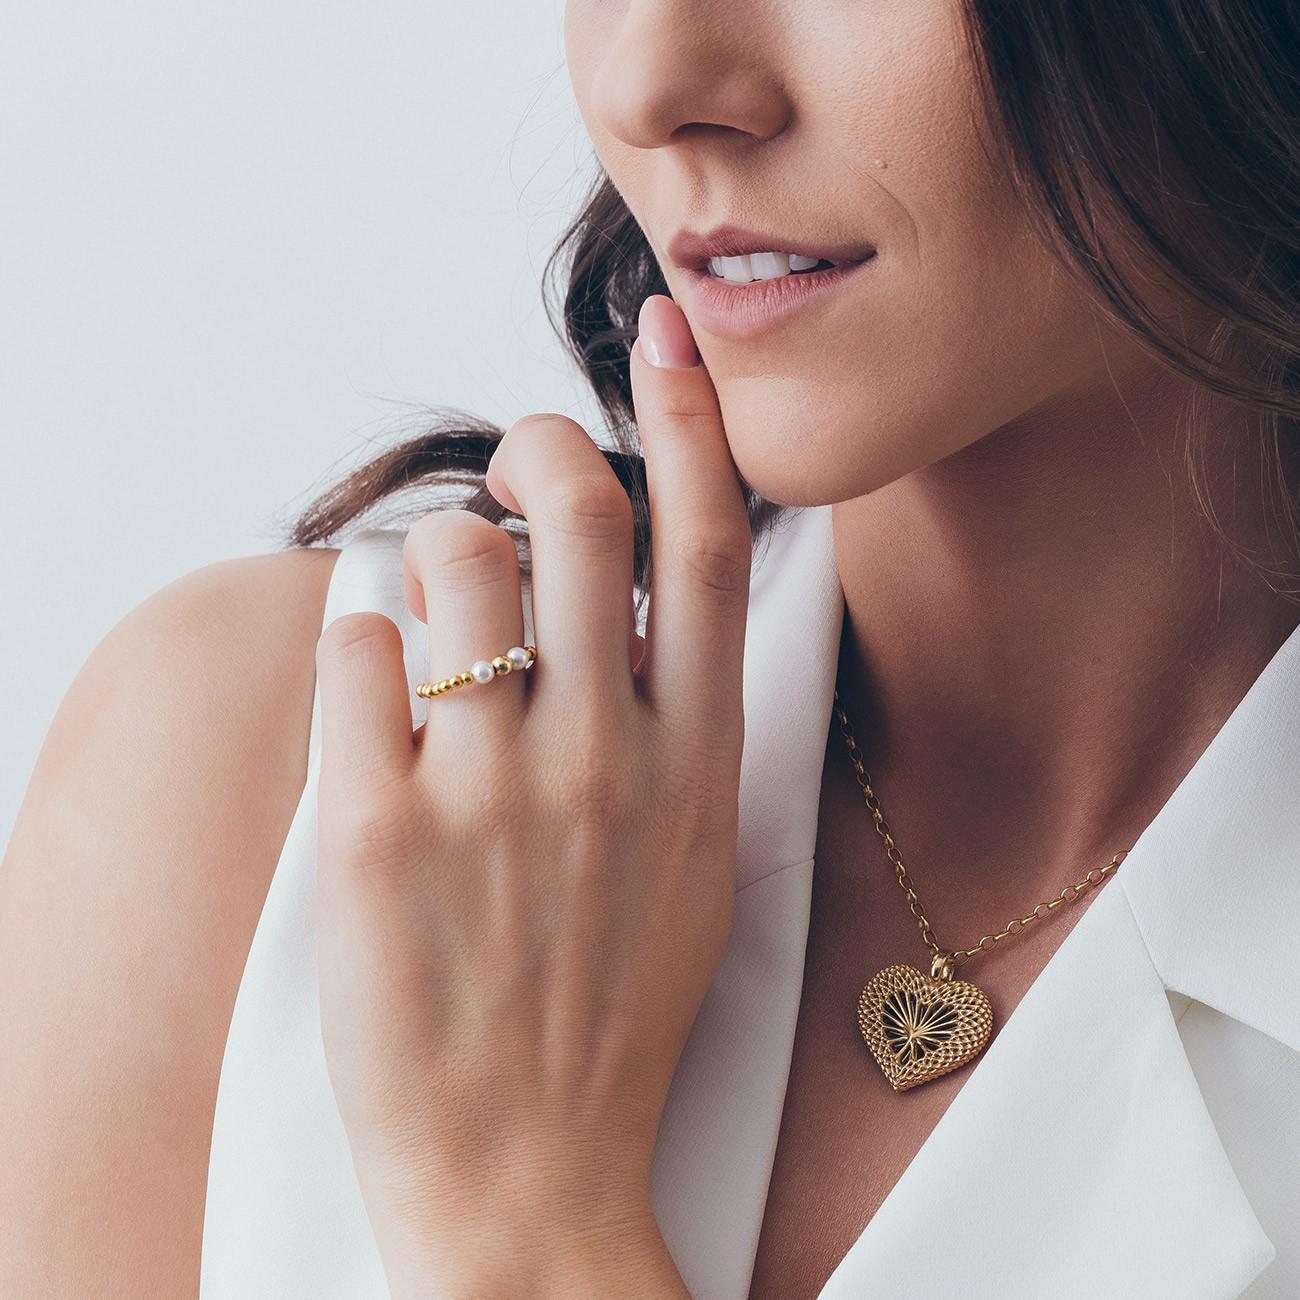 Elastyczny kulkowy pierścionek z perłami, srebro 925